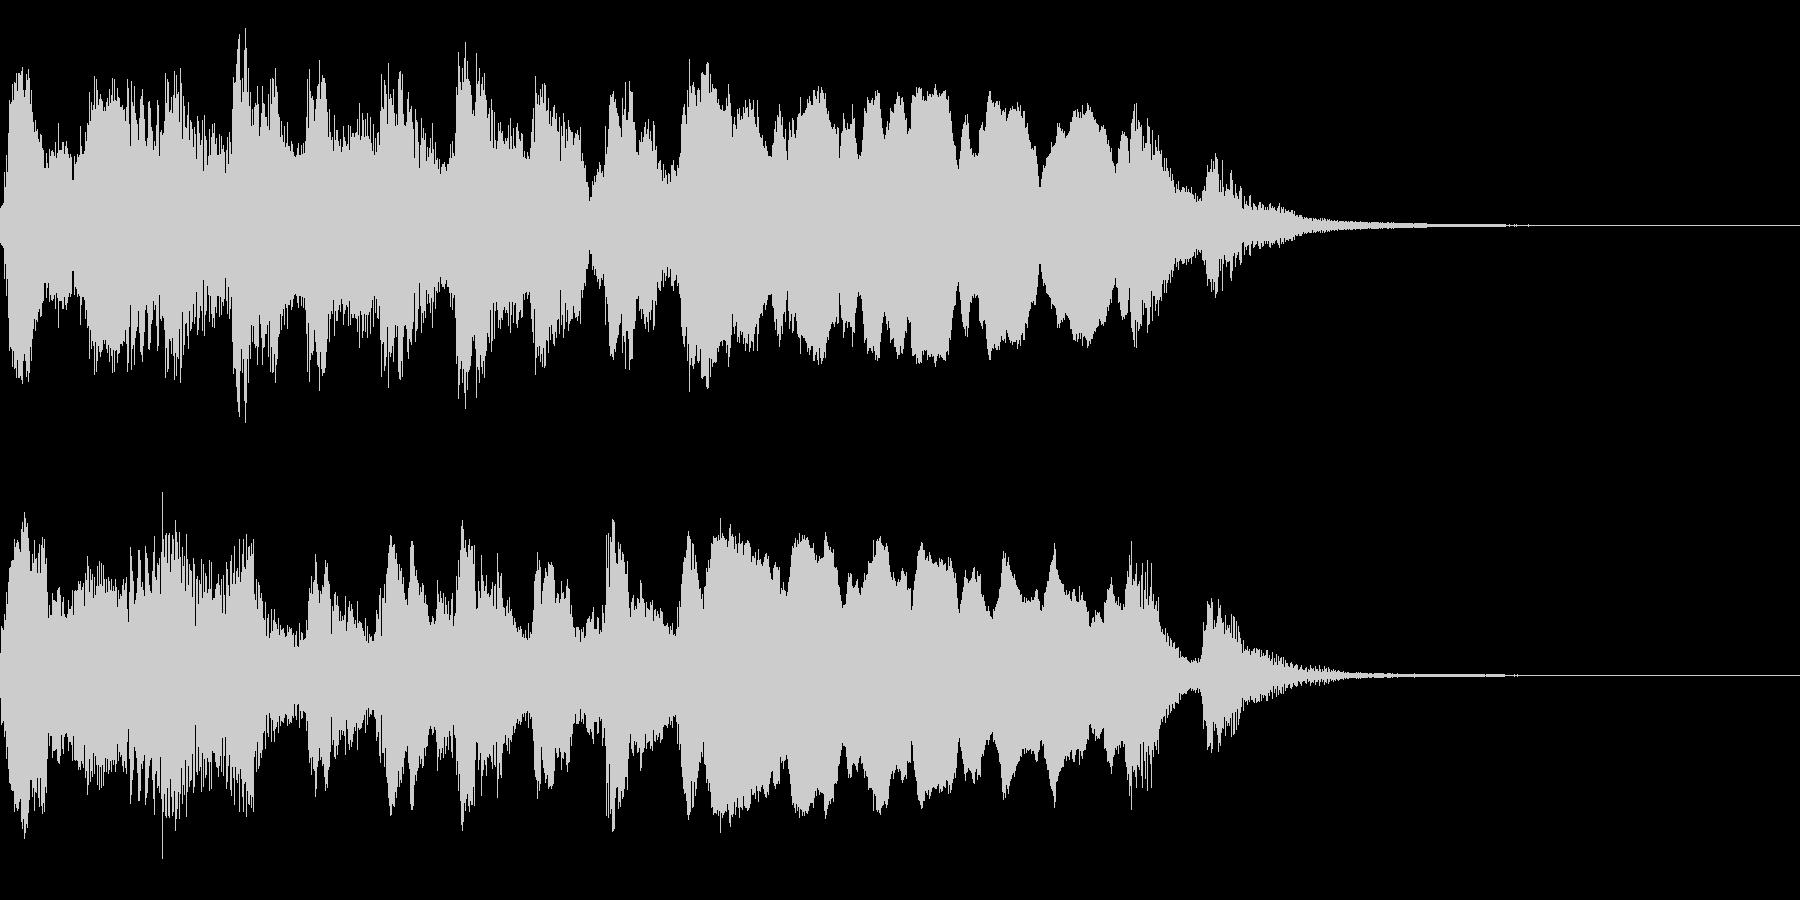 ほのぼのアニメ風アイキャッチ(ワルツ)の未再生の波形